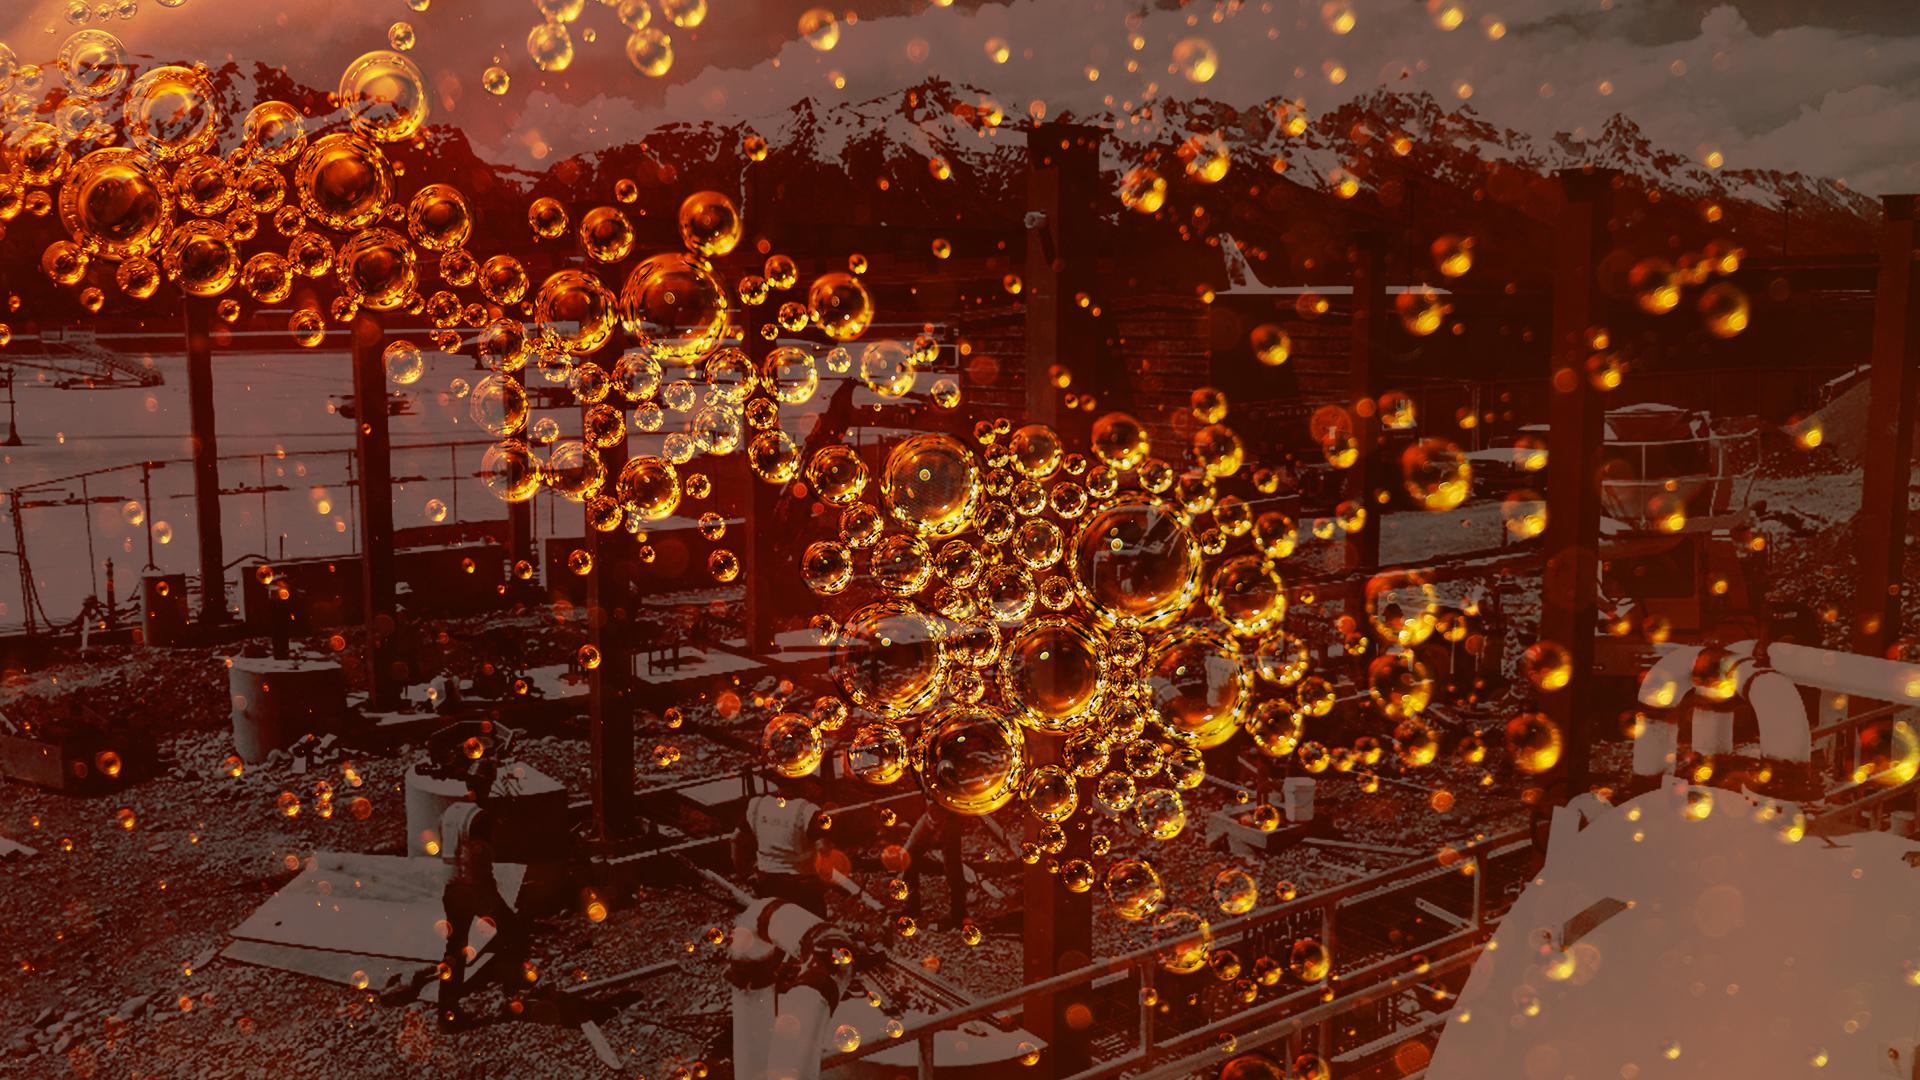 C-C Construction Background Image